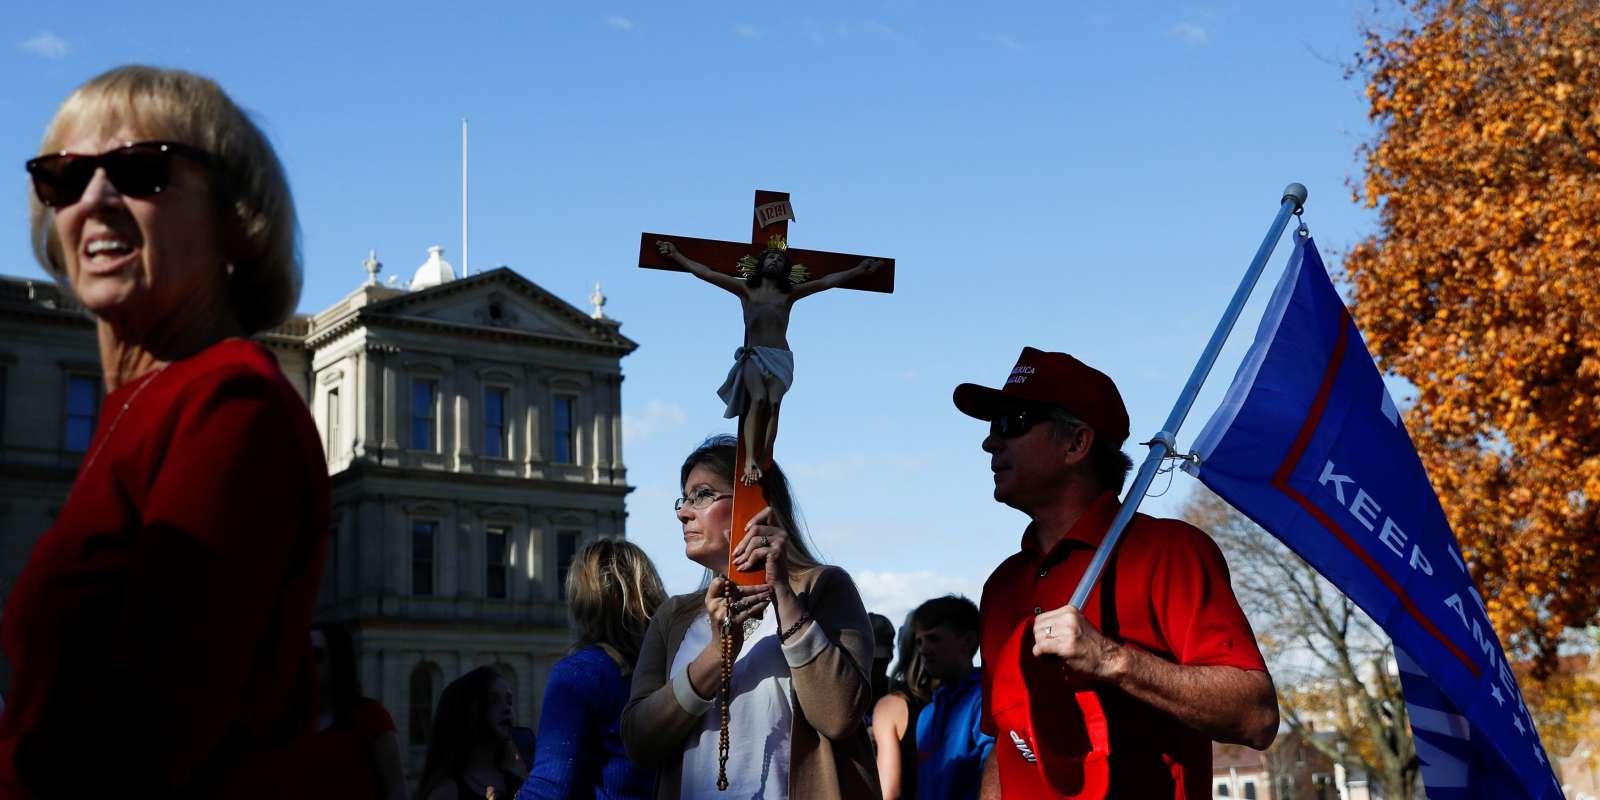 Les manifestants se rassemblent devant le bâtiment du Capitole de l'État après que l'ancien vice-président Joe Biden ait été déclaré vainqueur de l'élection présidentielle américaine de 2020, à Lansing, Michigan, États-Unis, le 8 novembre.